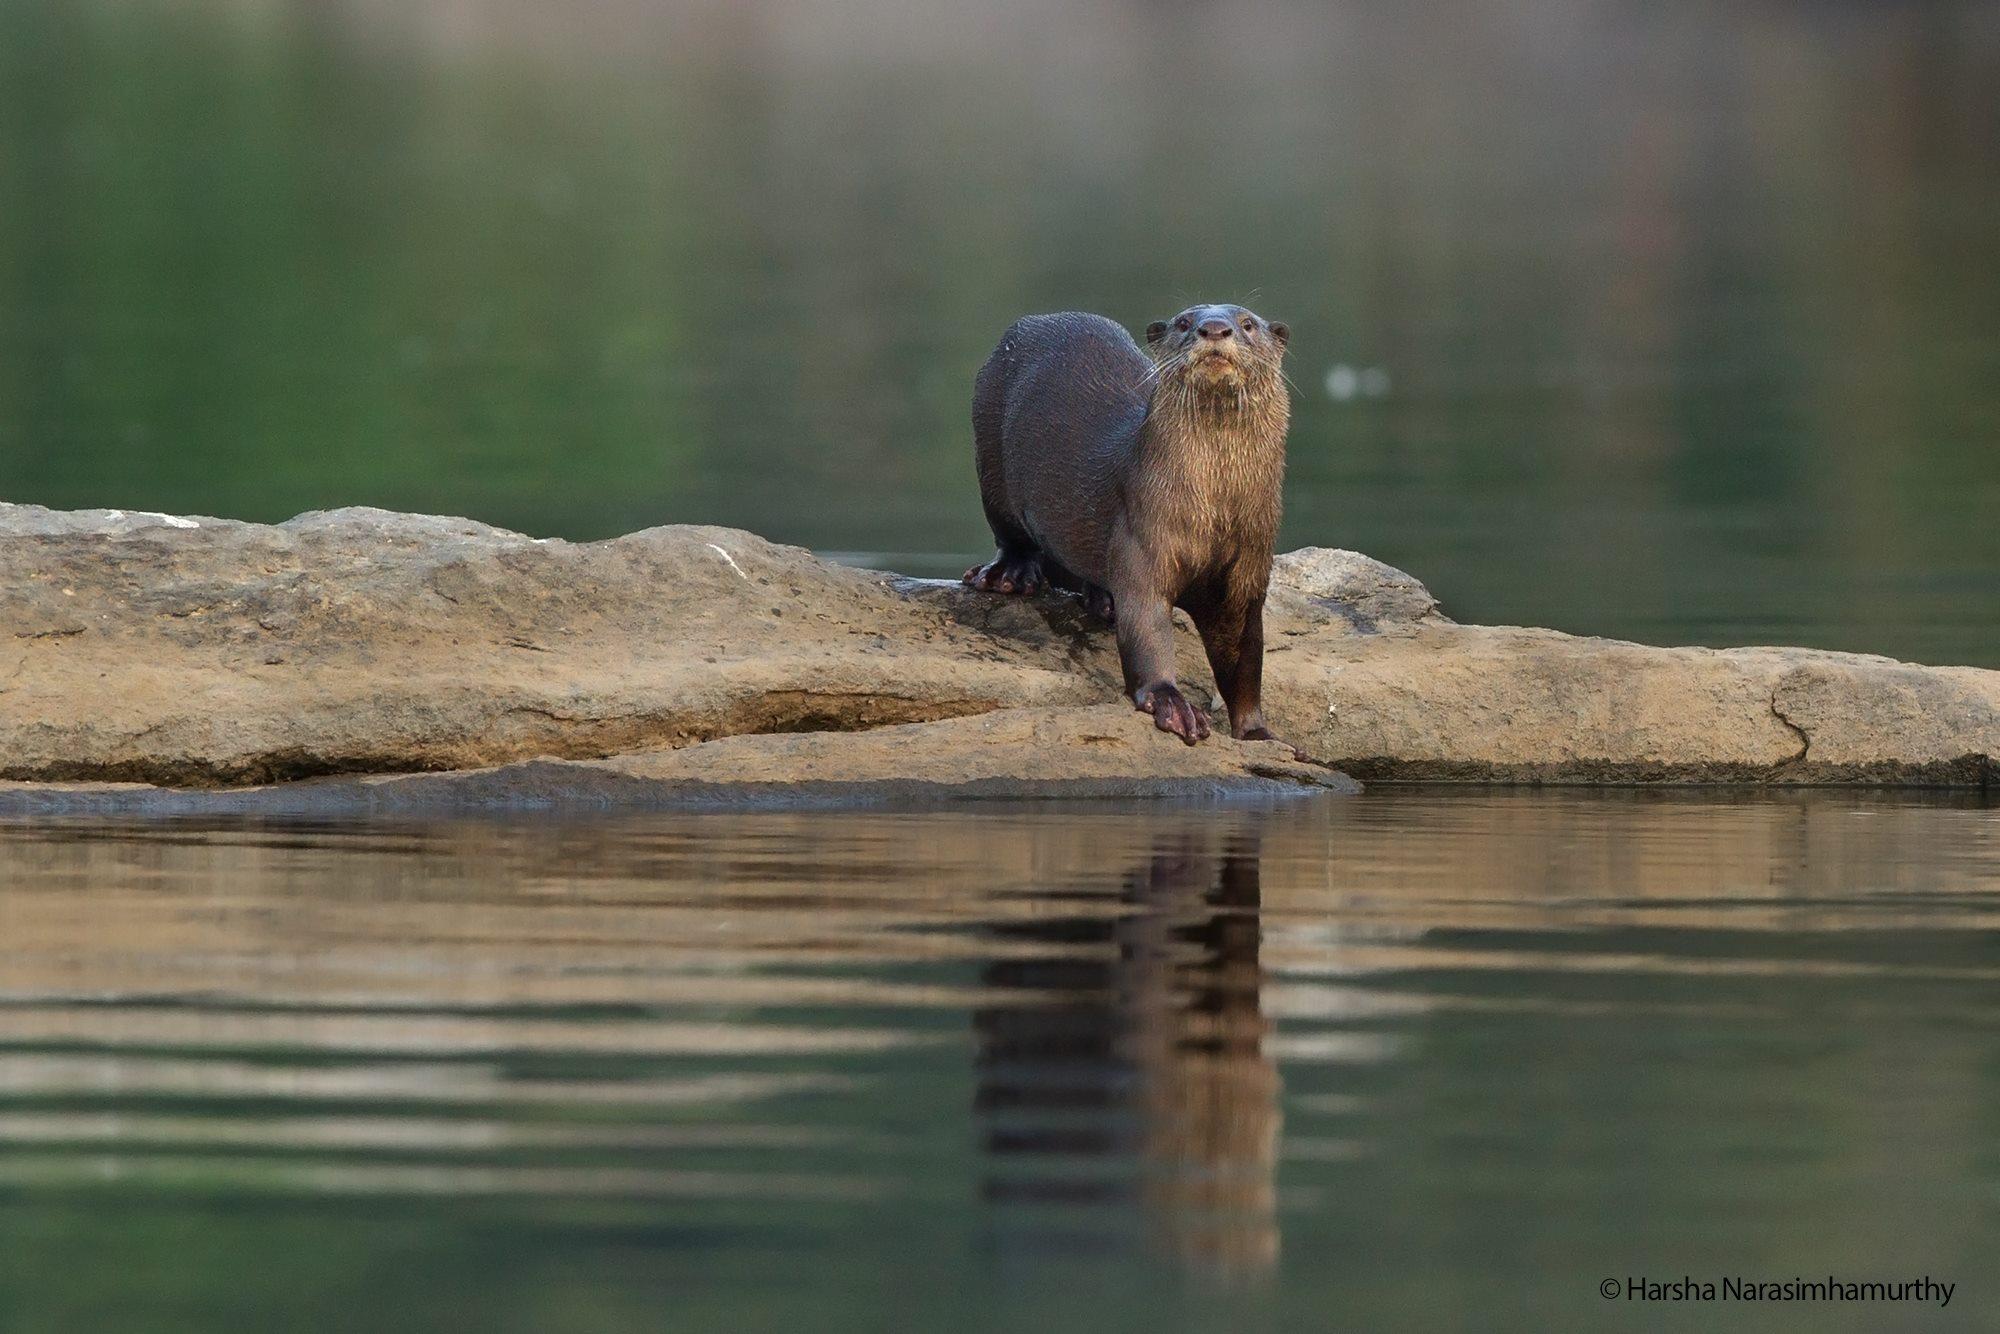 Wildlife Photography: Smooth-coated Otter, Ranganathittu